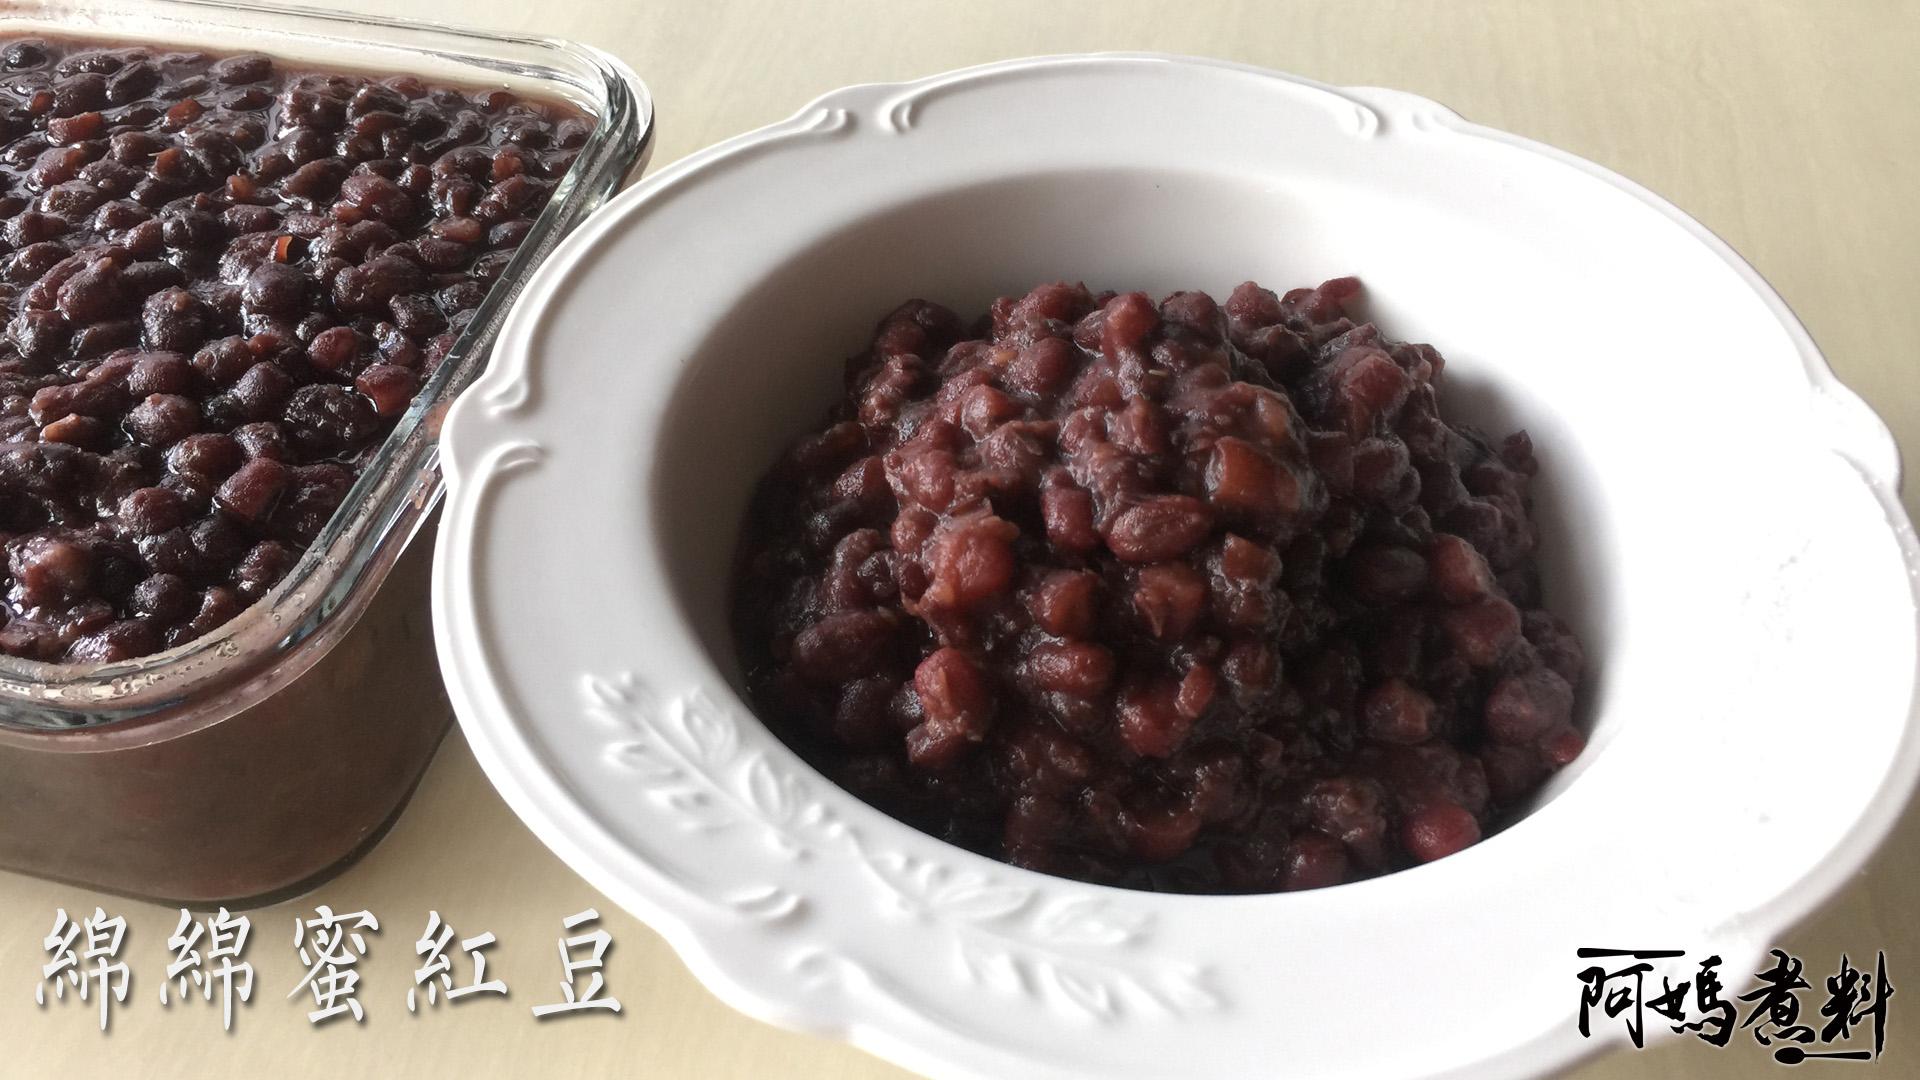 綿綿蜜紅豆 小朋友超愛的紅豆甜點點心